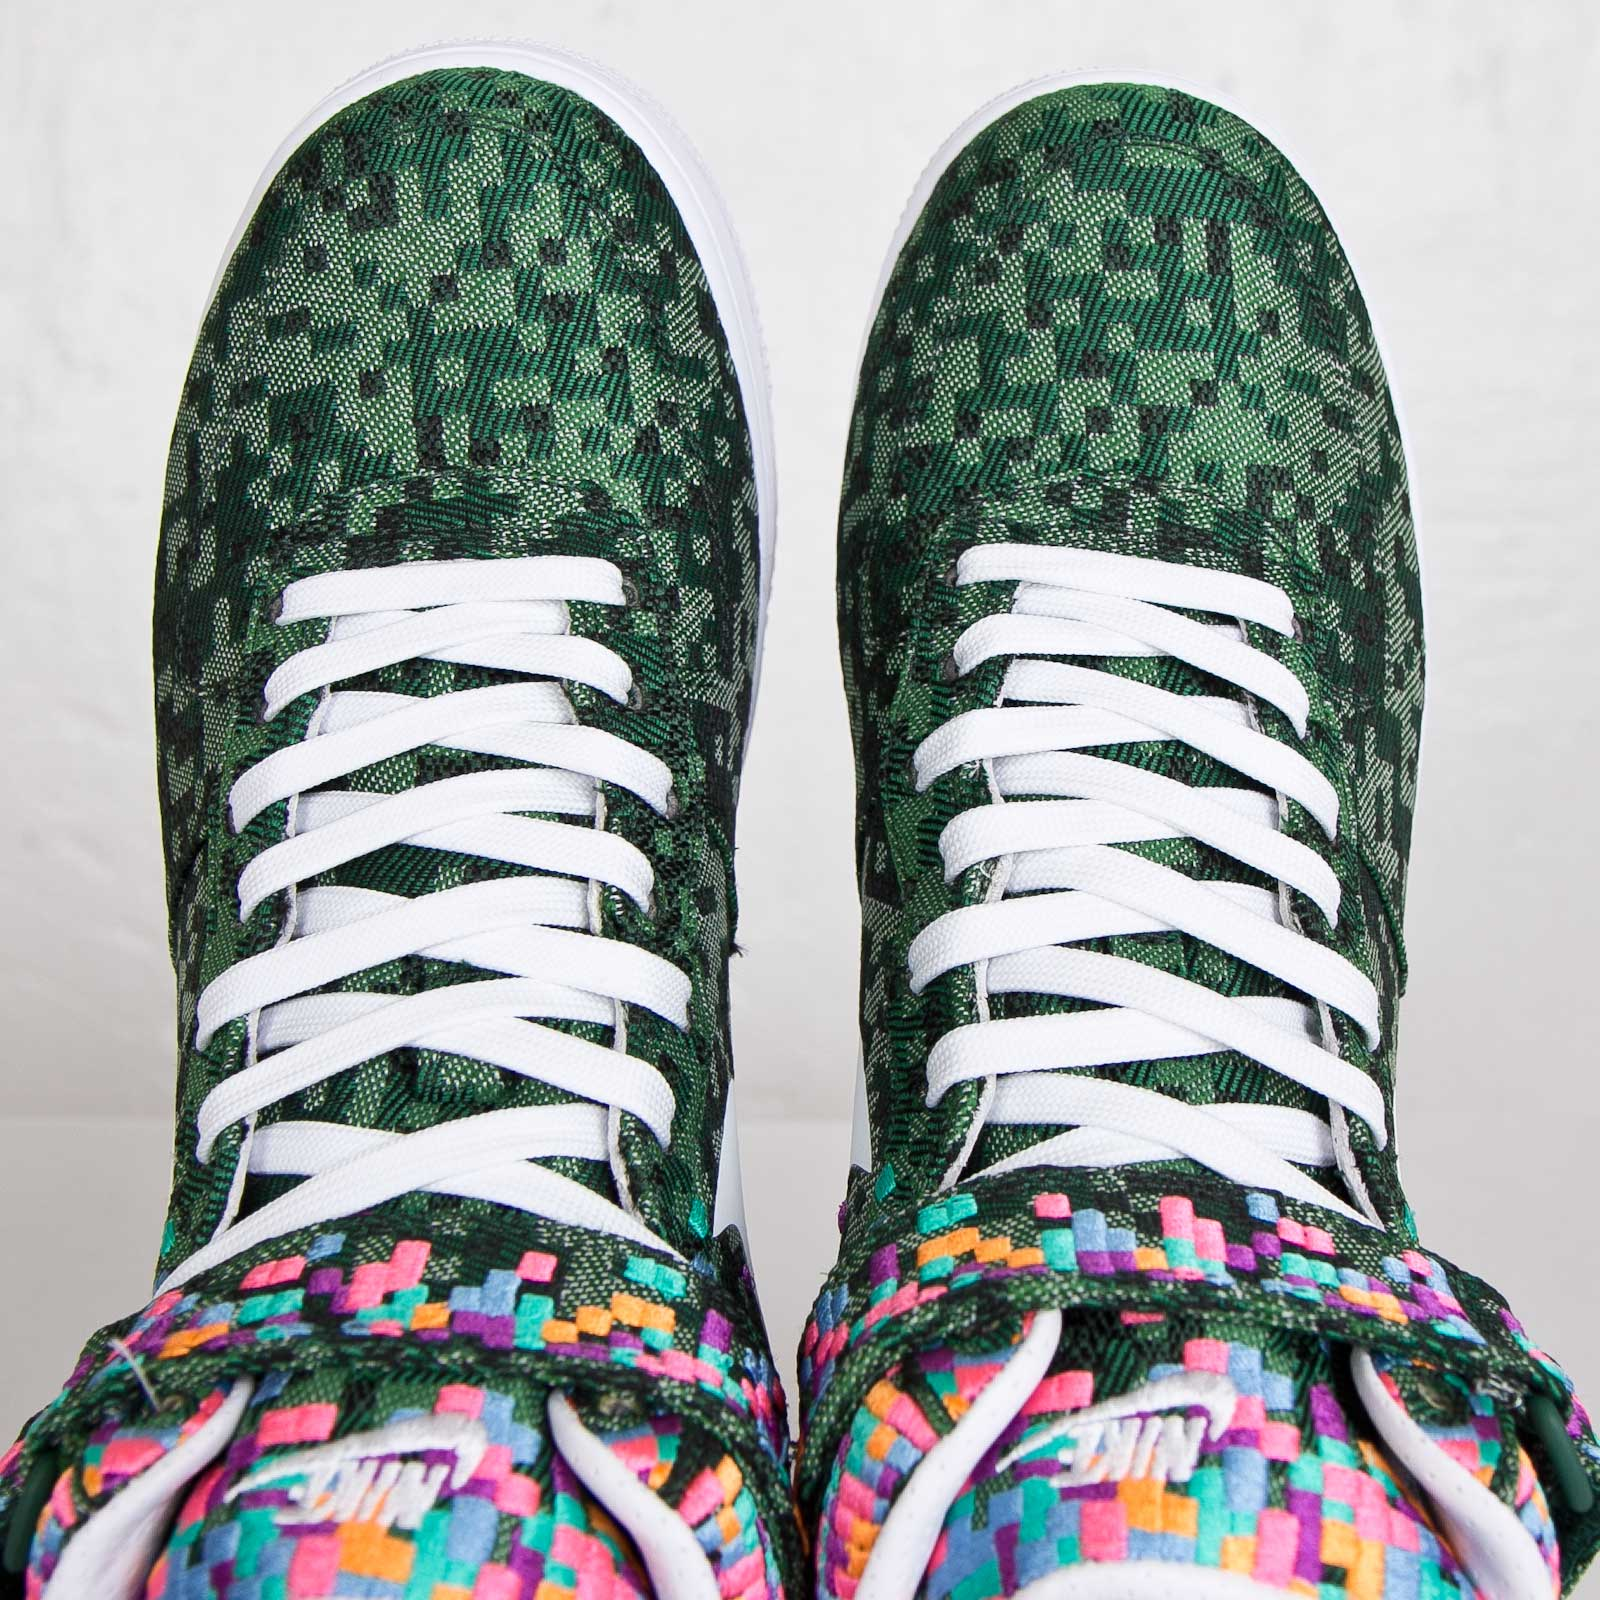 brand new 98e48 0aa50 Nike Lunar Force 1 Mid JCRD SP - 693208-331 - Sneakersnstuff   sneakers    streetwear online since 1999